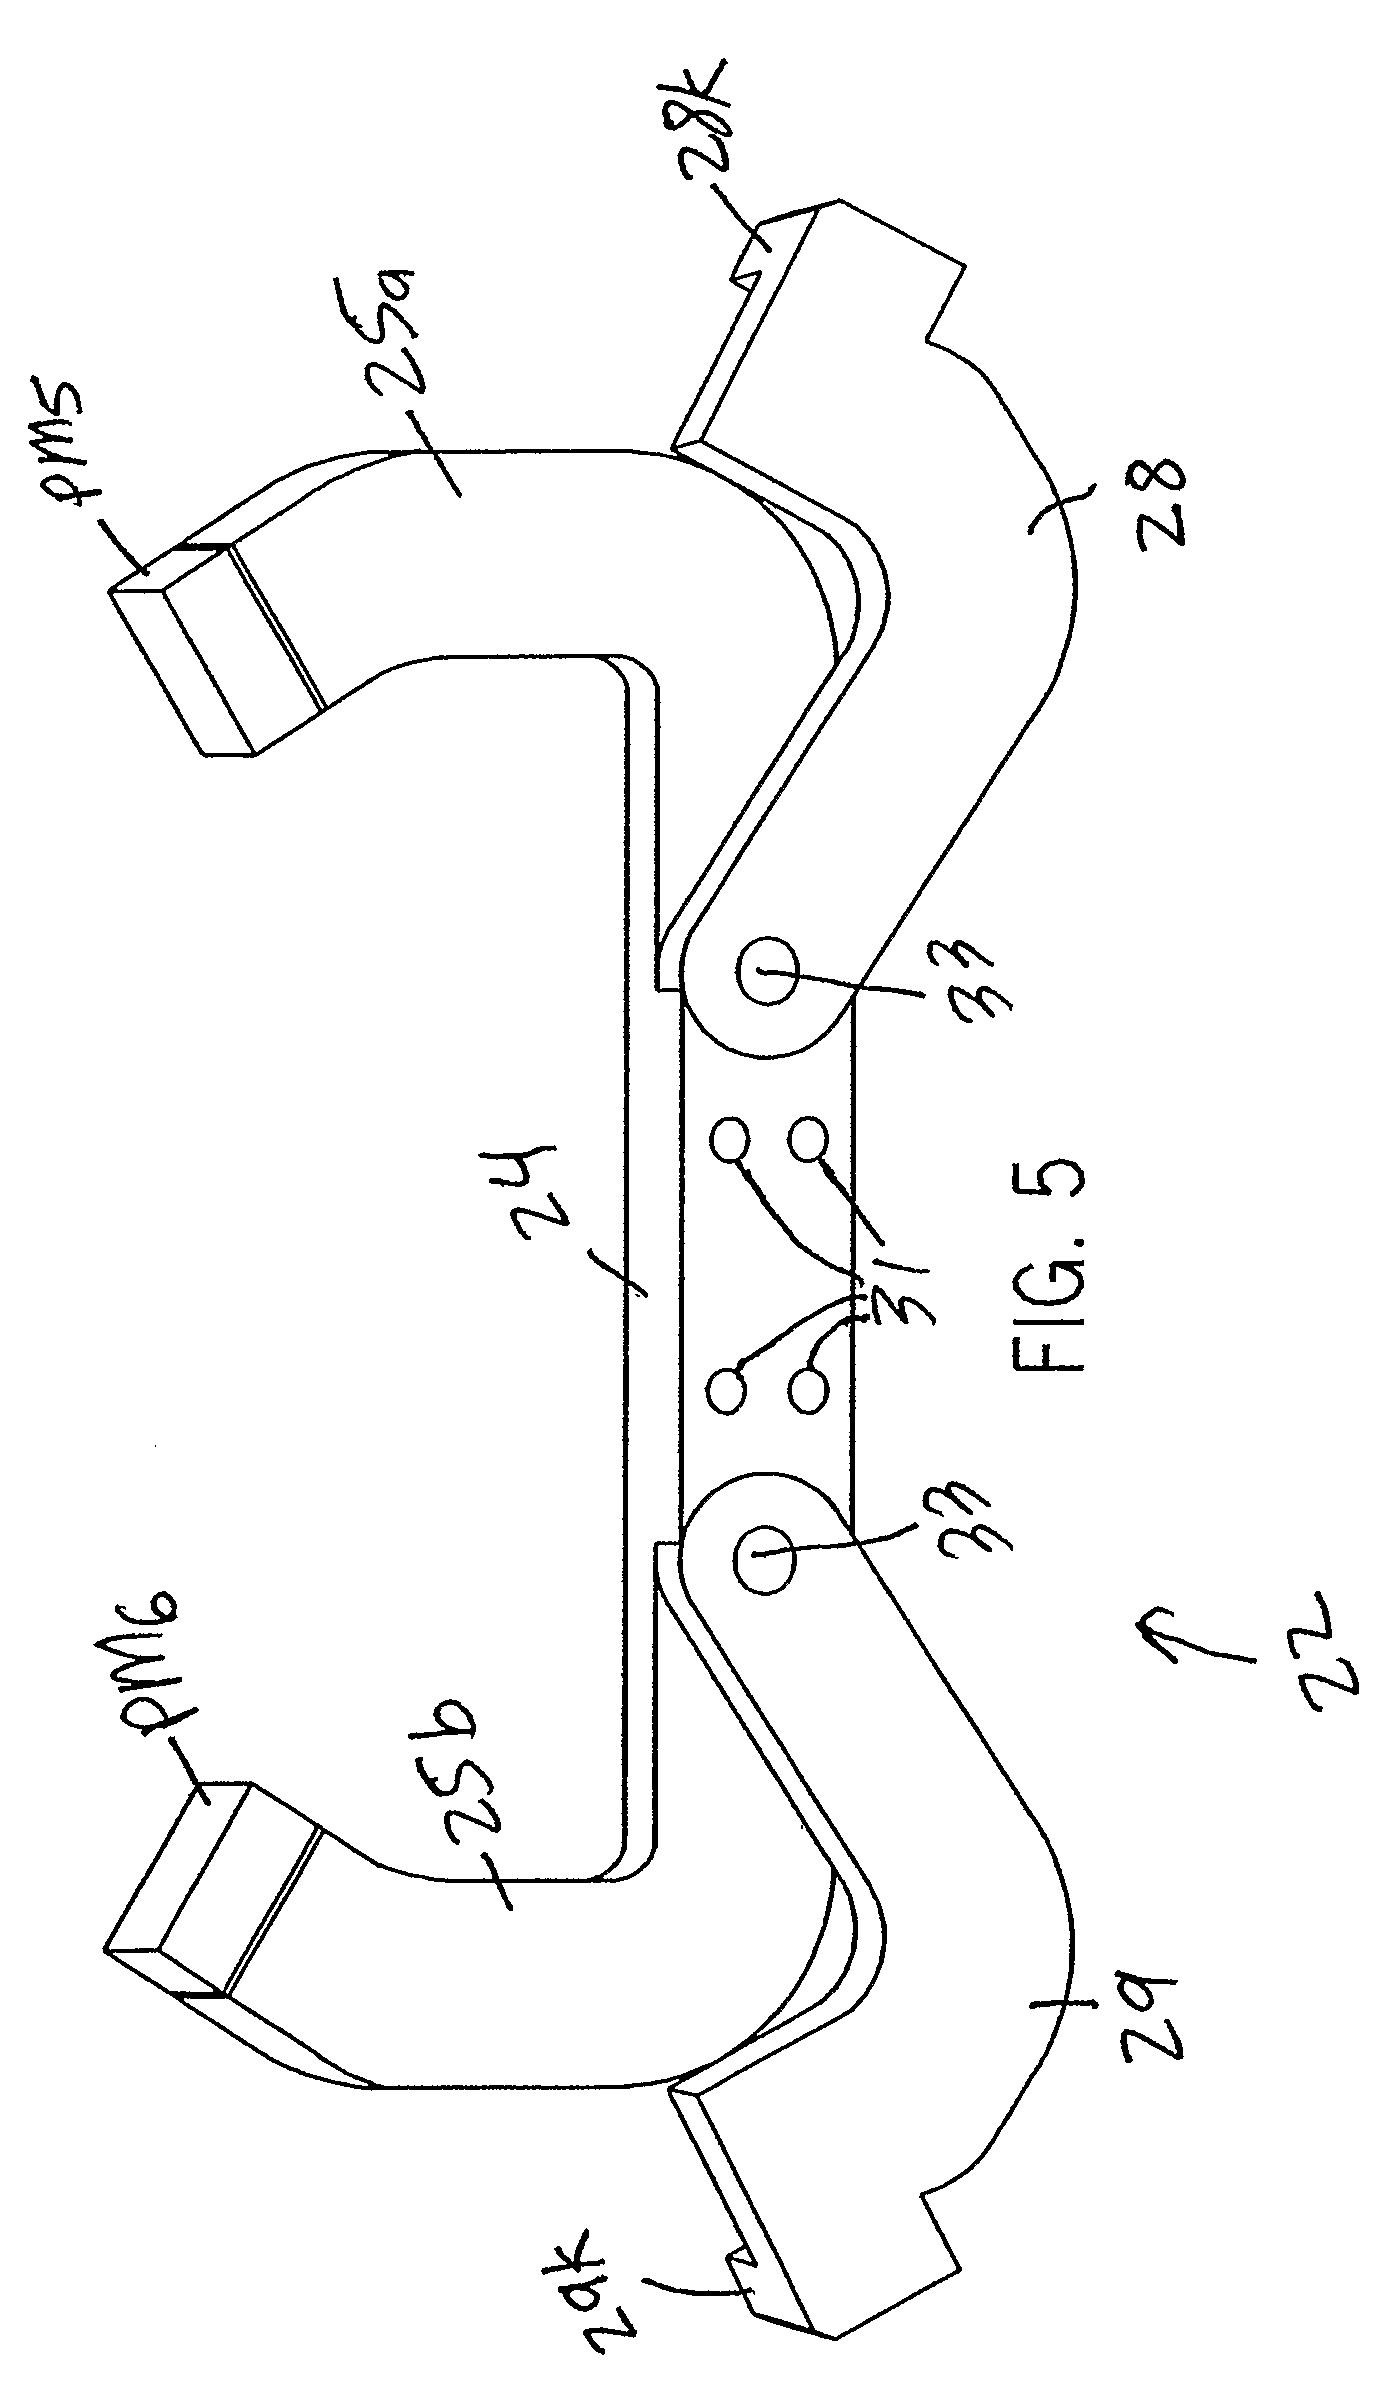 patent us7827993